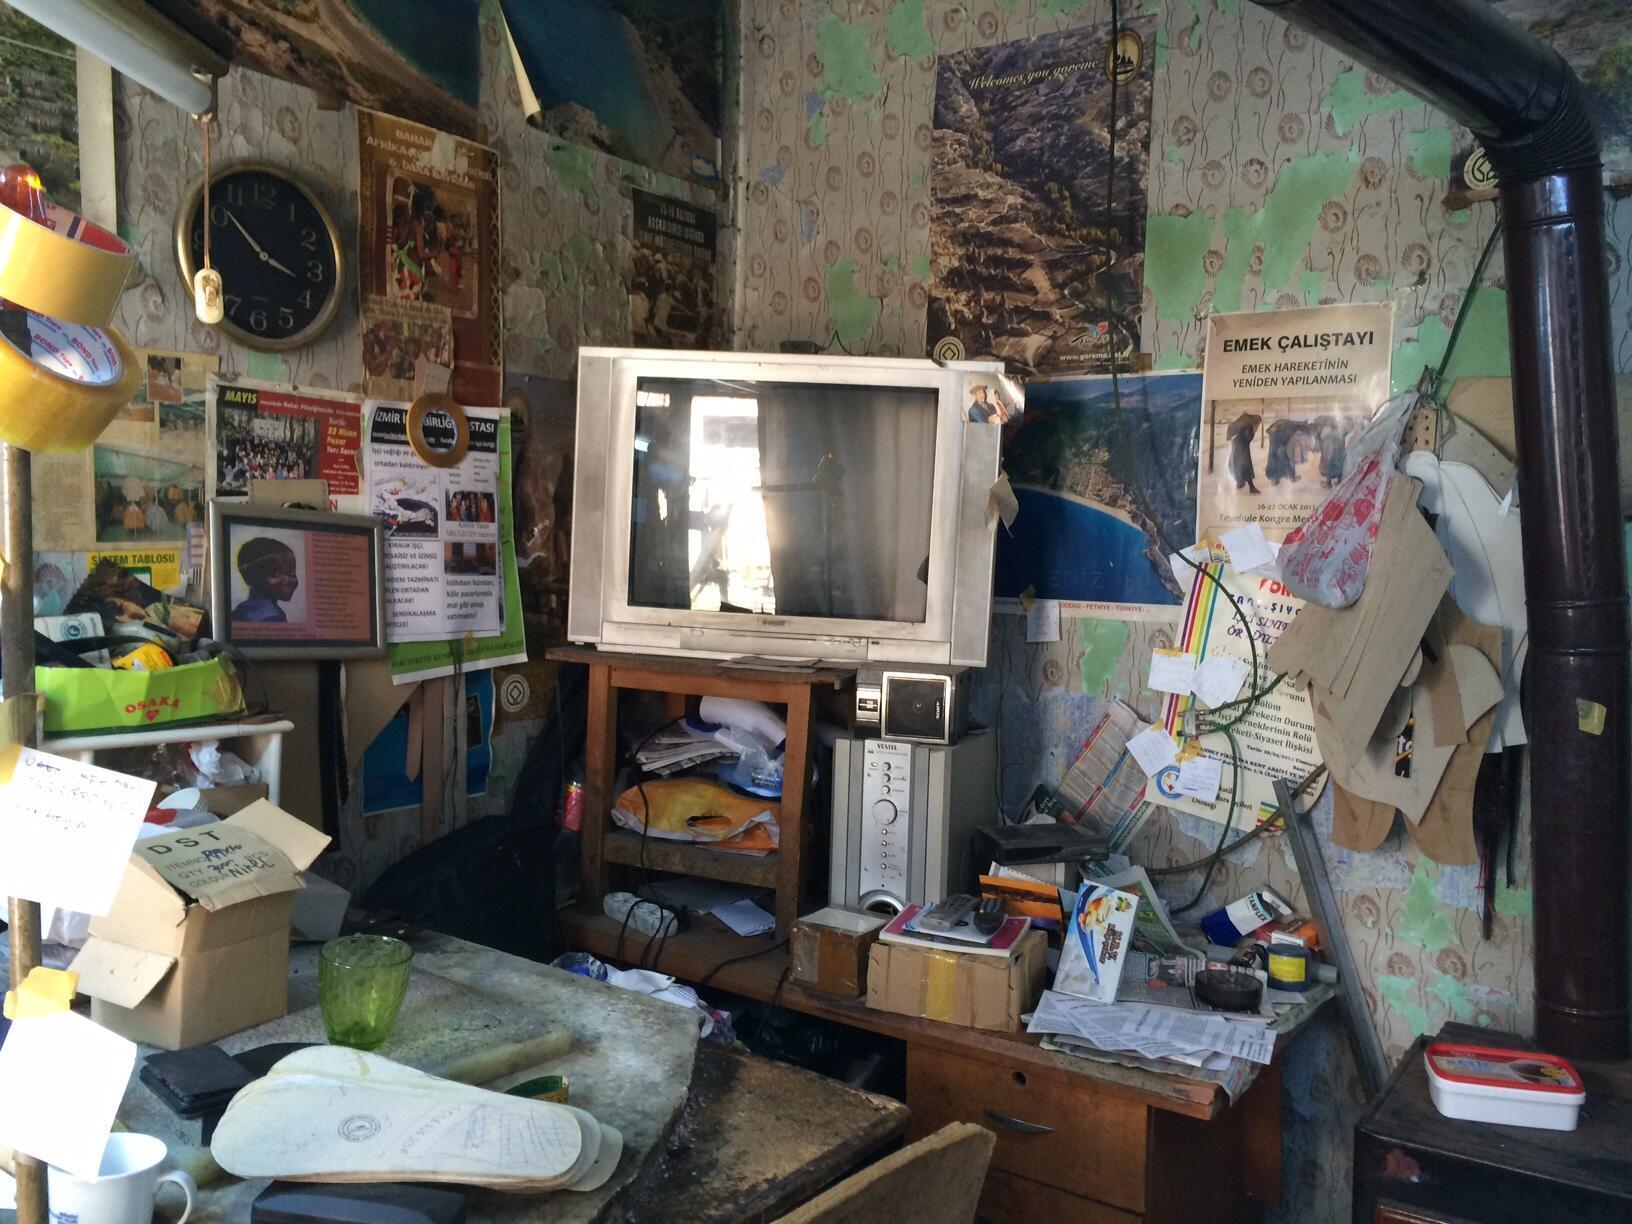 A oficina do artesão se transformou em uma central de coleta de doações para os sírios.